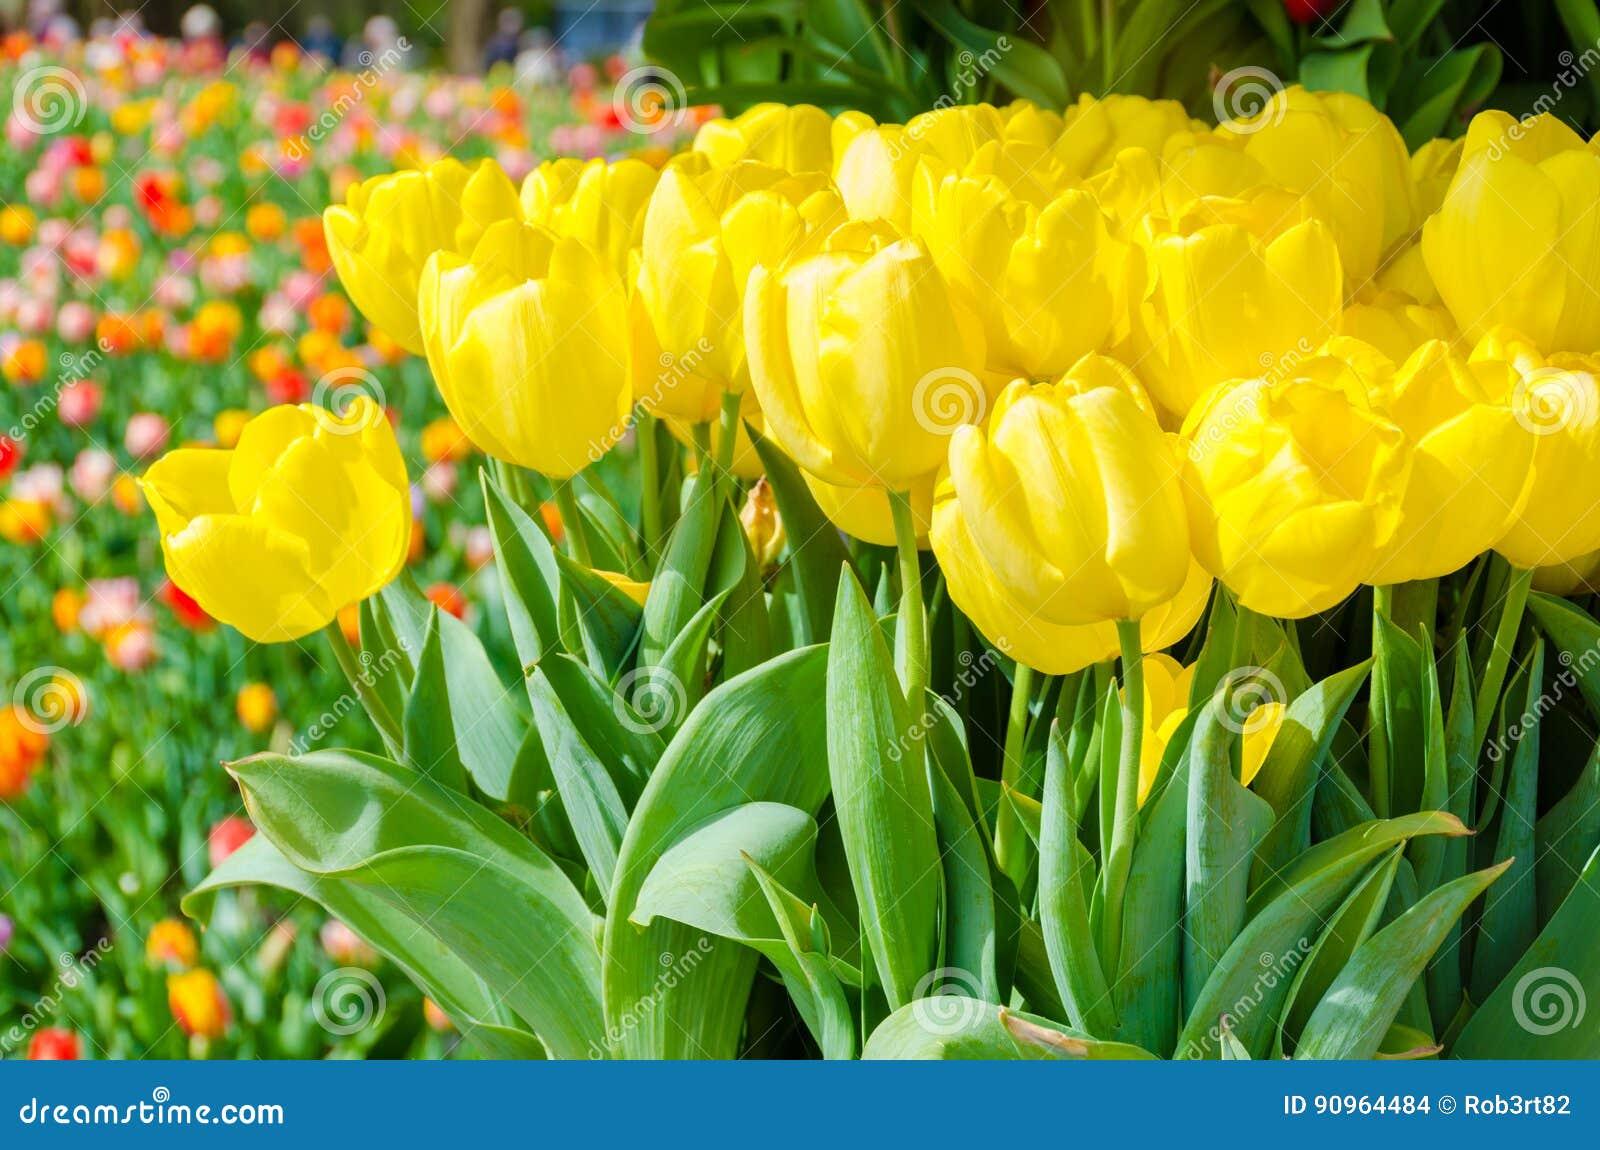 De lenteachtergrond met mooie gele tulpen in keukenhof tuin